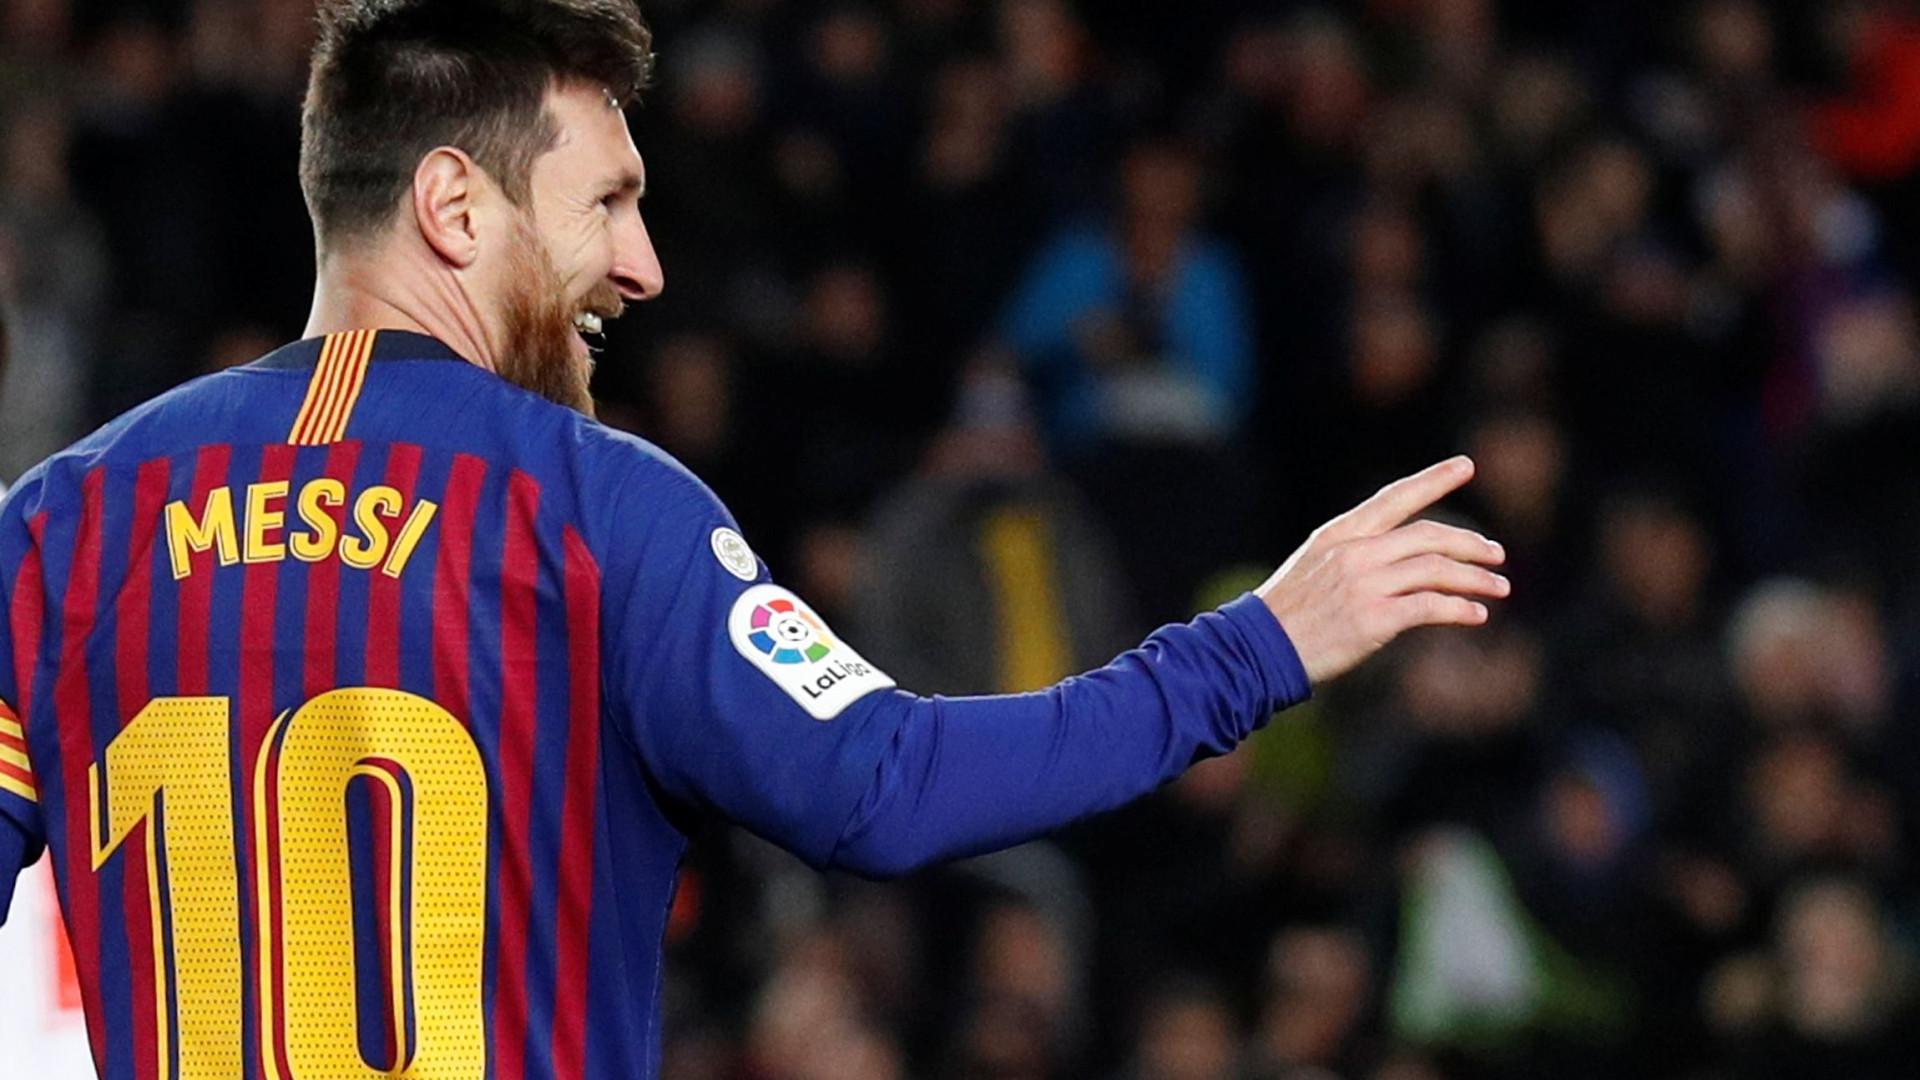 Foi este o golo que ofereceu um recorde histórico a Messi